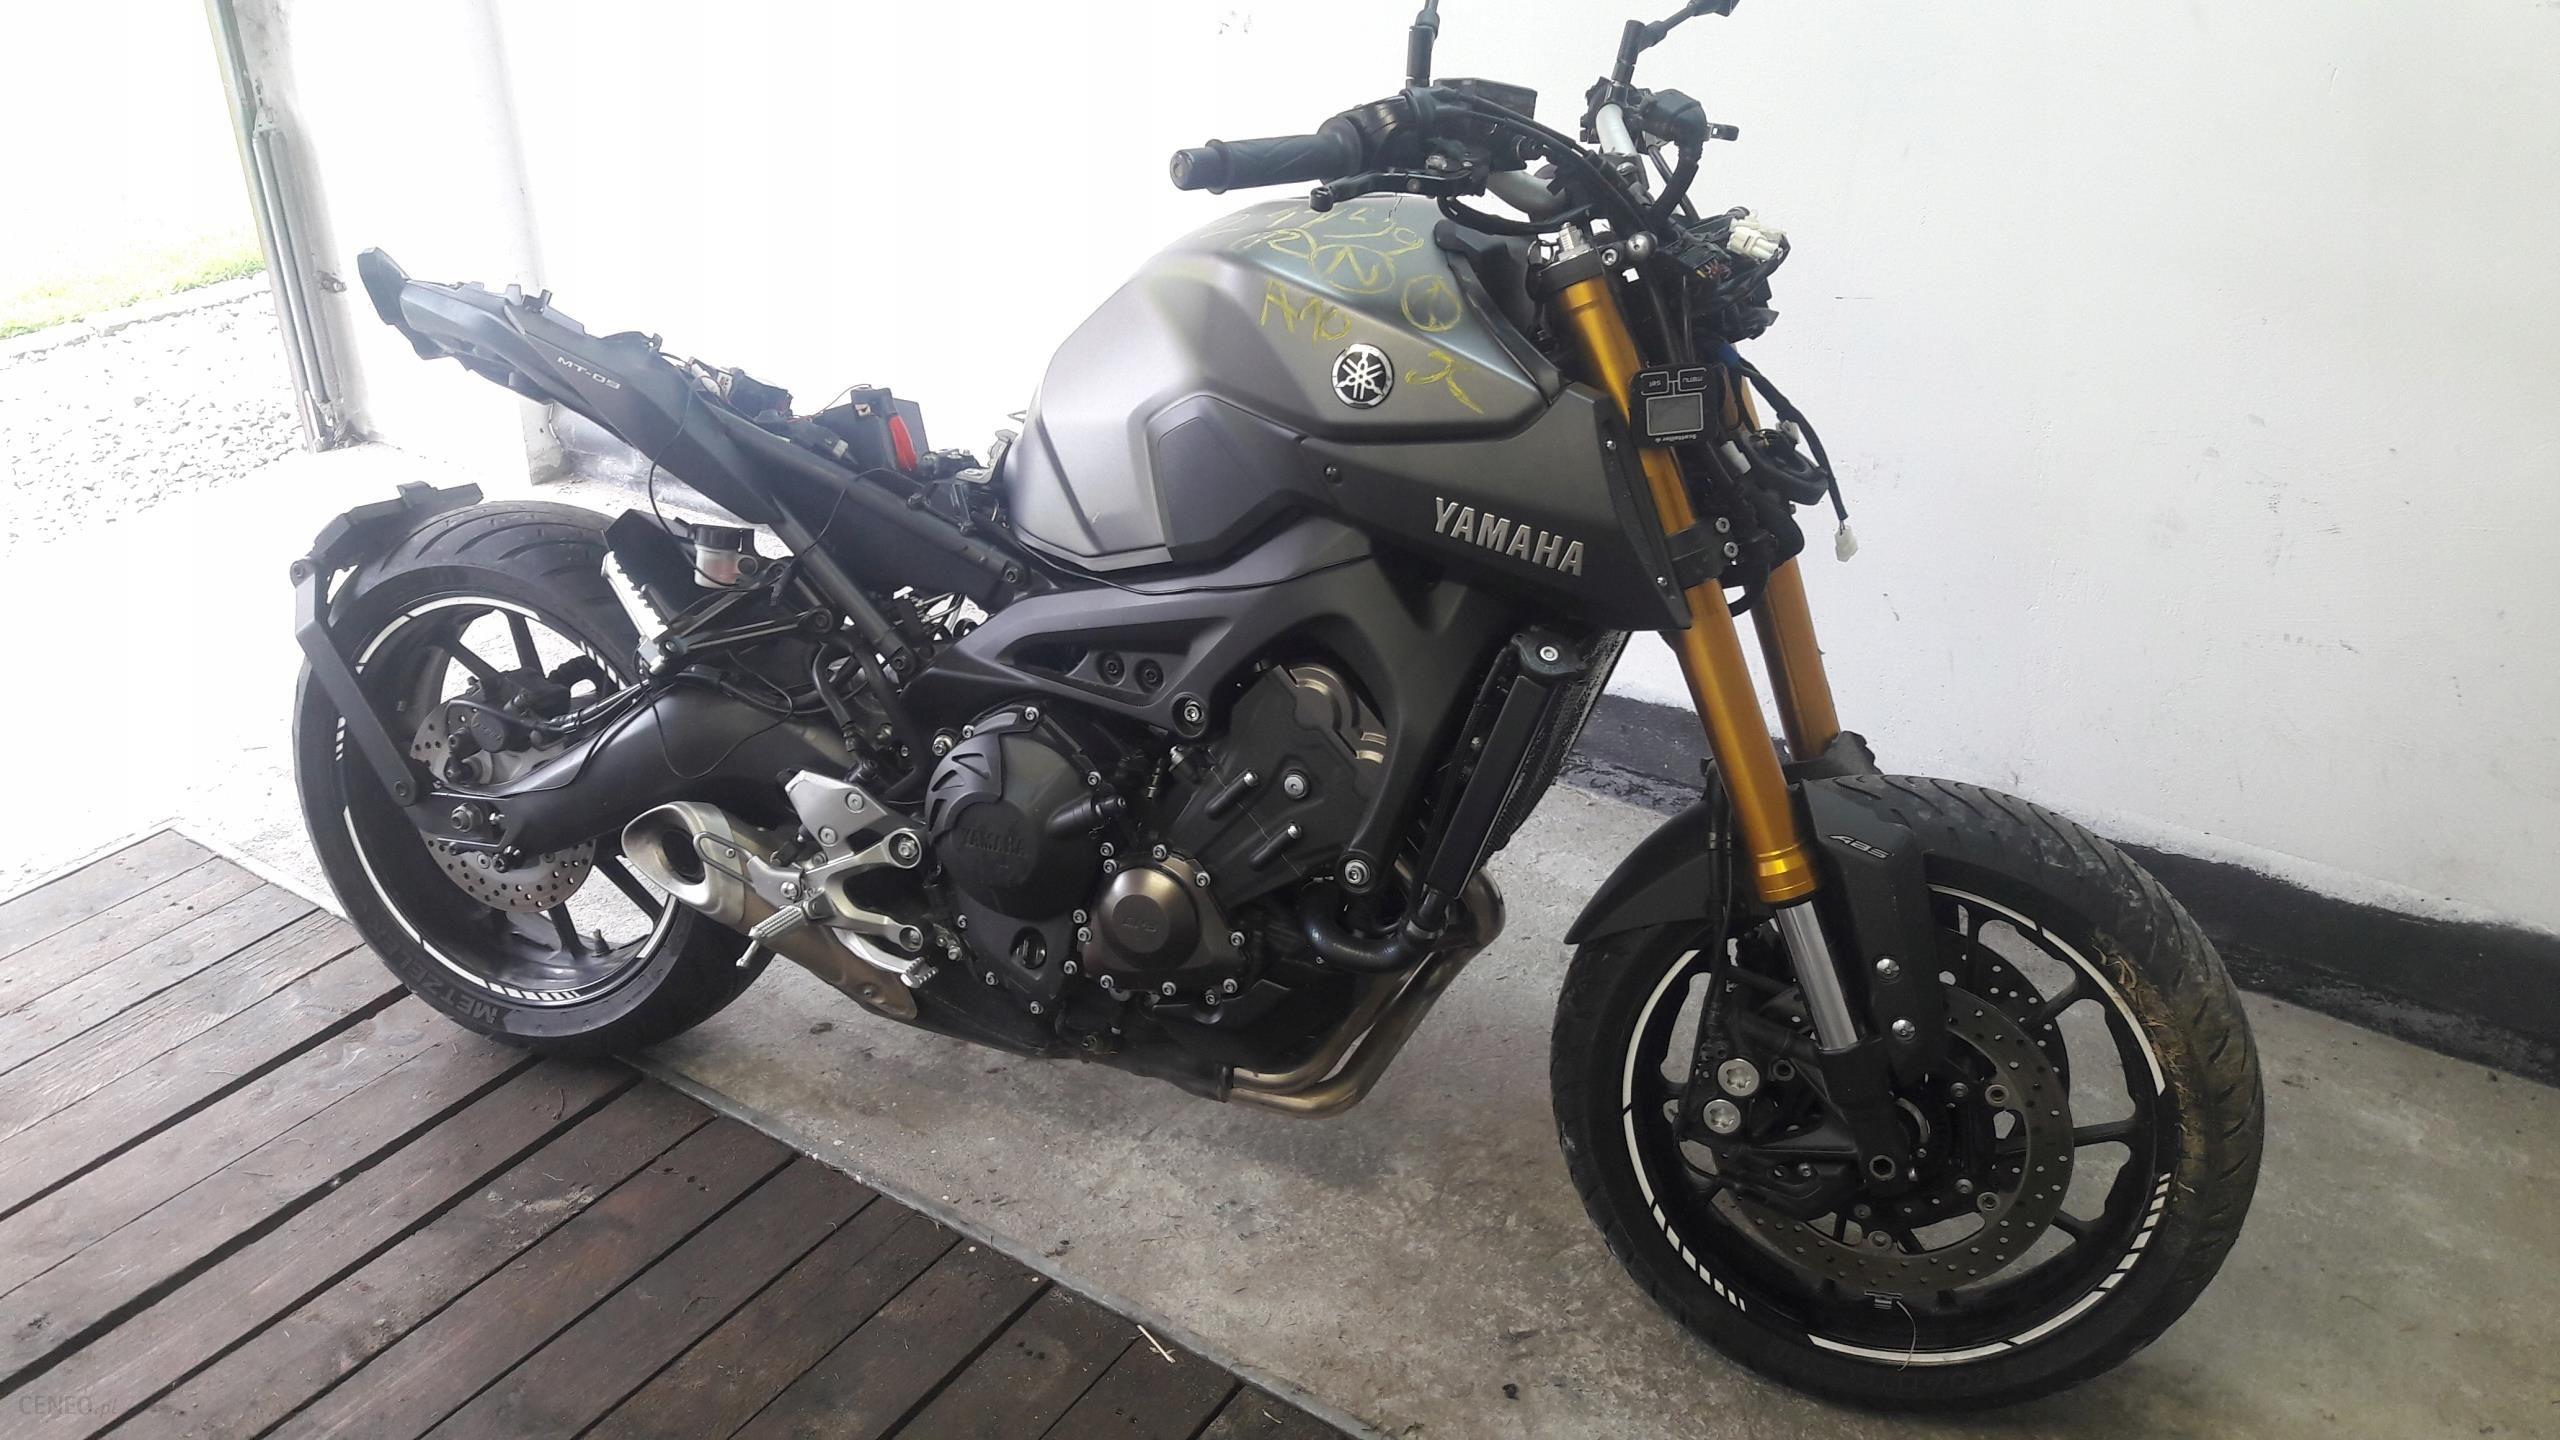 Yamaha Mt 09 Abs Uszkodzona Z Niemiec Odpala Opinie I Ceny Na Ceneo Pl